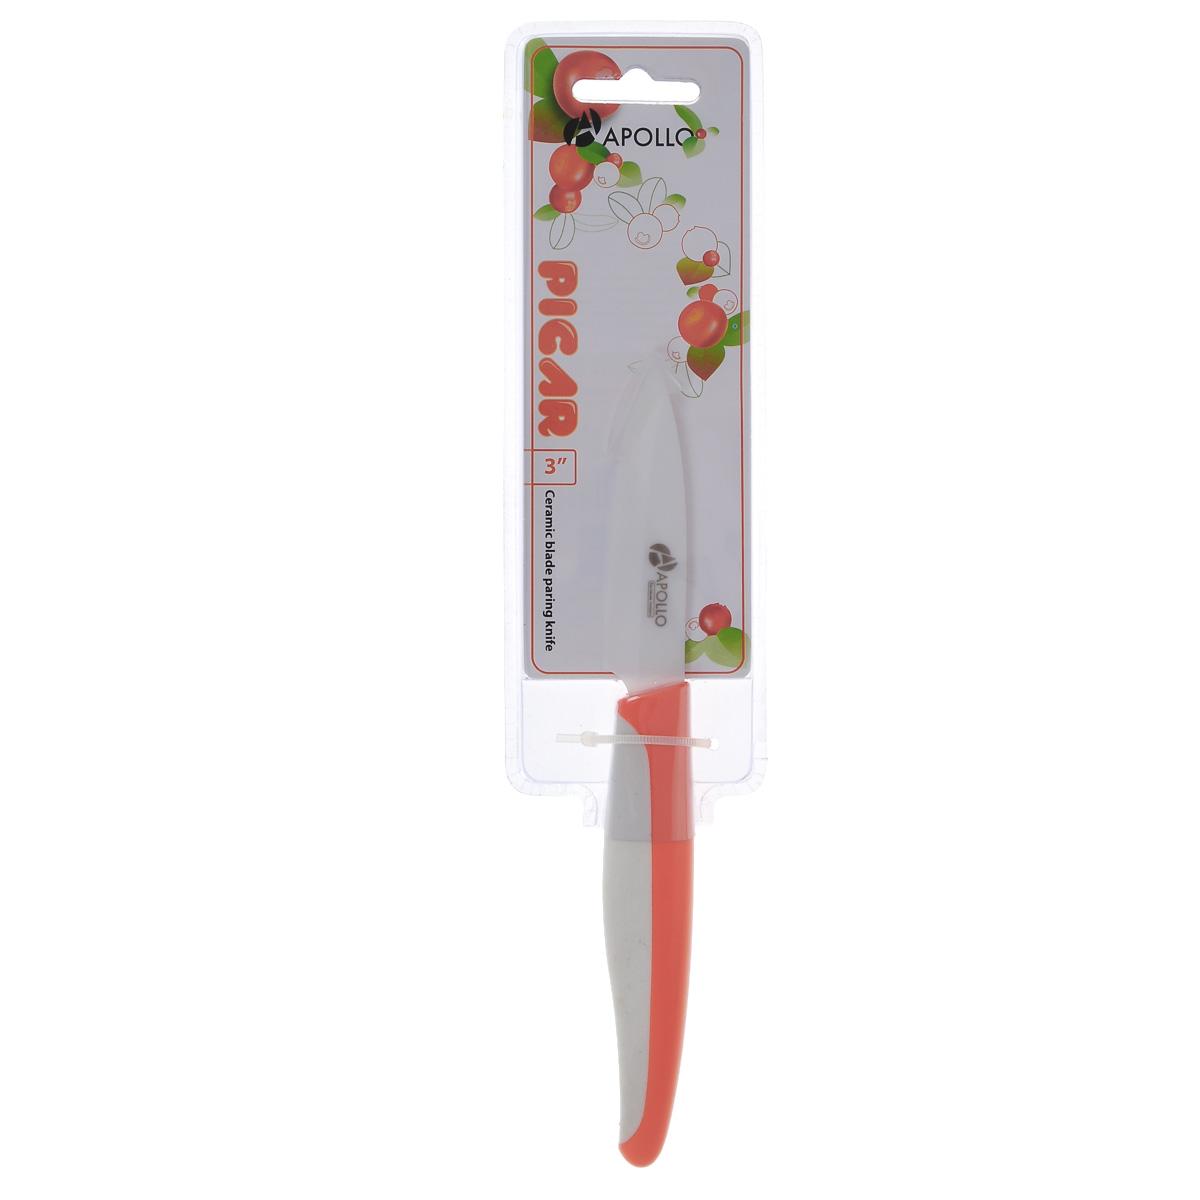 Нож для чистки овощей Apollo Picar, керамический, цвет: оранжевый, длина лезвия 8 смPCR-03оранжевыйНож Apollo Picar изготовлен из высококачественной циркониевой керамики - гигиеничного, экологически чистого материала. Нож имеет острое лезвие, не требующее дополнительной заточки. Эргономичная рукоятка выполнена из высококачественного пищевого пластика. Рукоятка не скользит в руках и делает резку удобной и безопасной. Такой нож желательно использовать для нарезки овощей, фруктов или других мягких продуктов. Керамика - это отличная альтернатива металлу. В отличие от стальных ножей, керамические ножи не переносят ионы металла в пищу, не разрушаются от кислот овощей и фруктов и никогда не заржавеют. Этот нож будет служить вам многие годы при соблюдении простых правил.Общая длина ножа: 19 см.